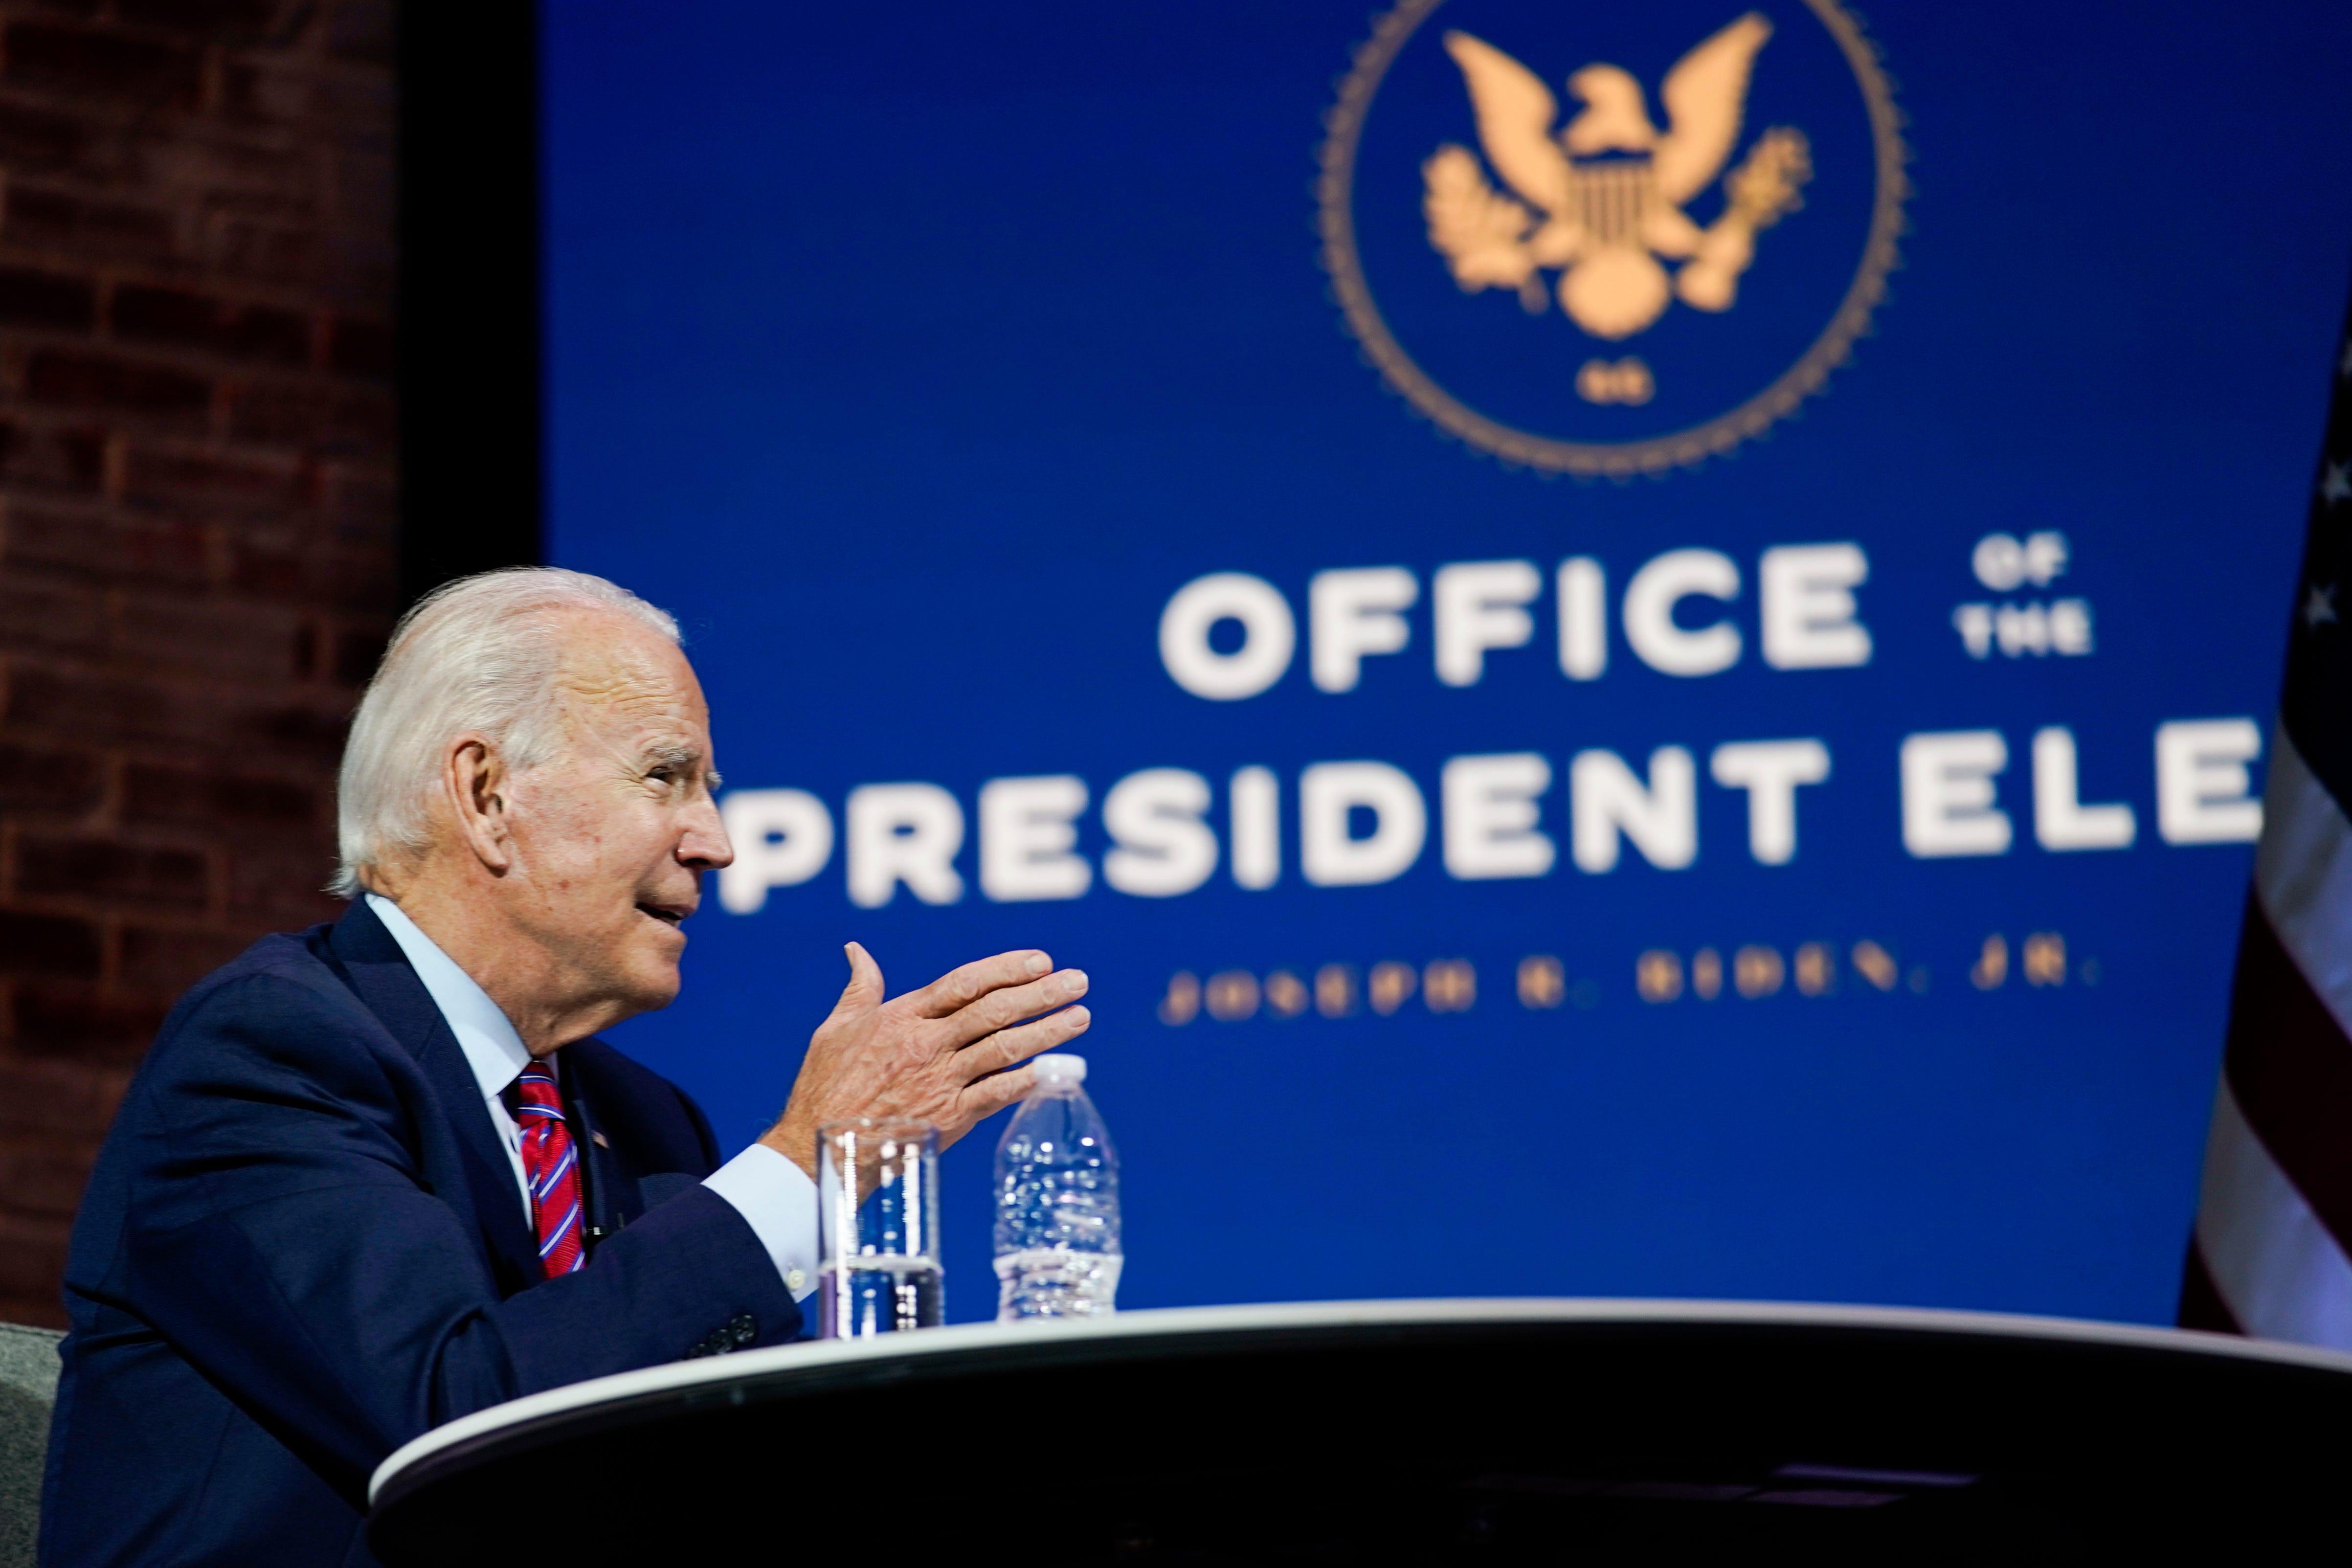 Election 2020 live updates: Biden picks Yellen to lead Treasury; Biden and Harris meet with mayors